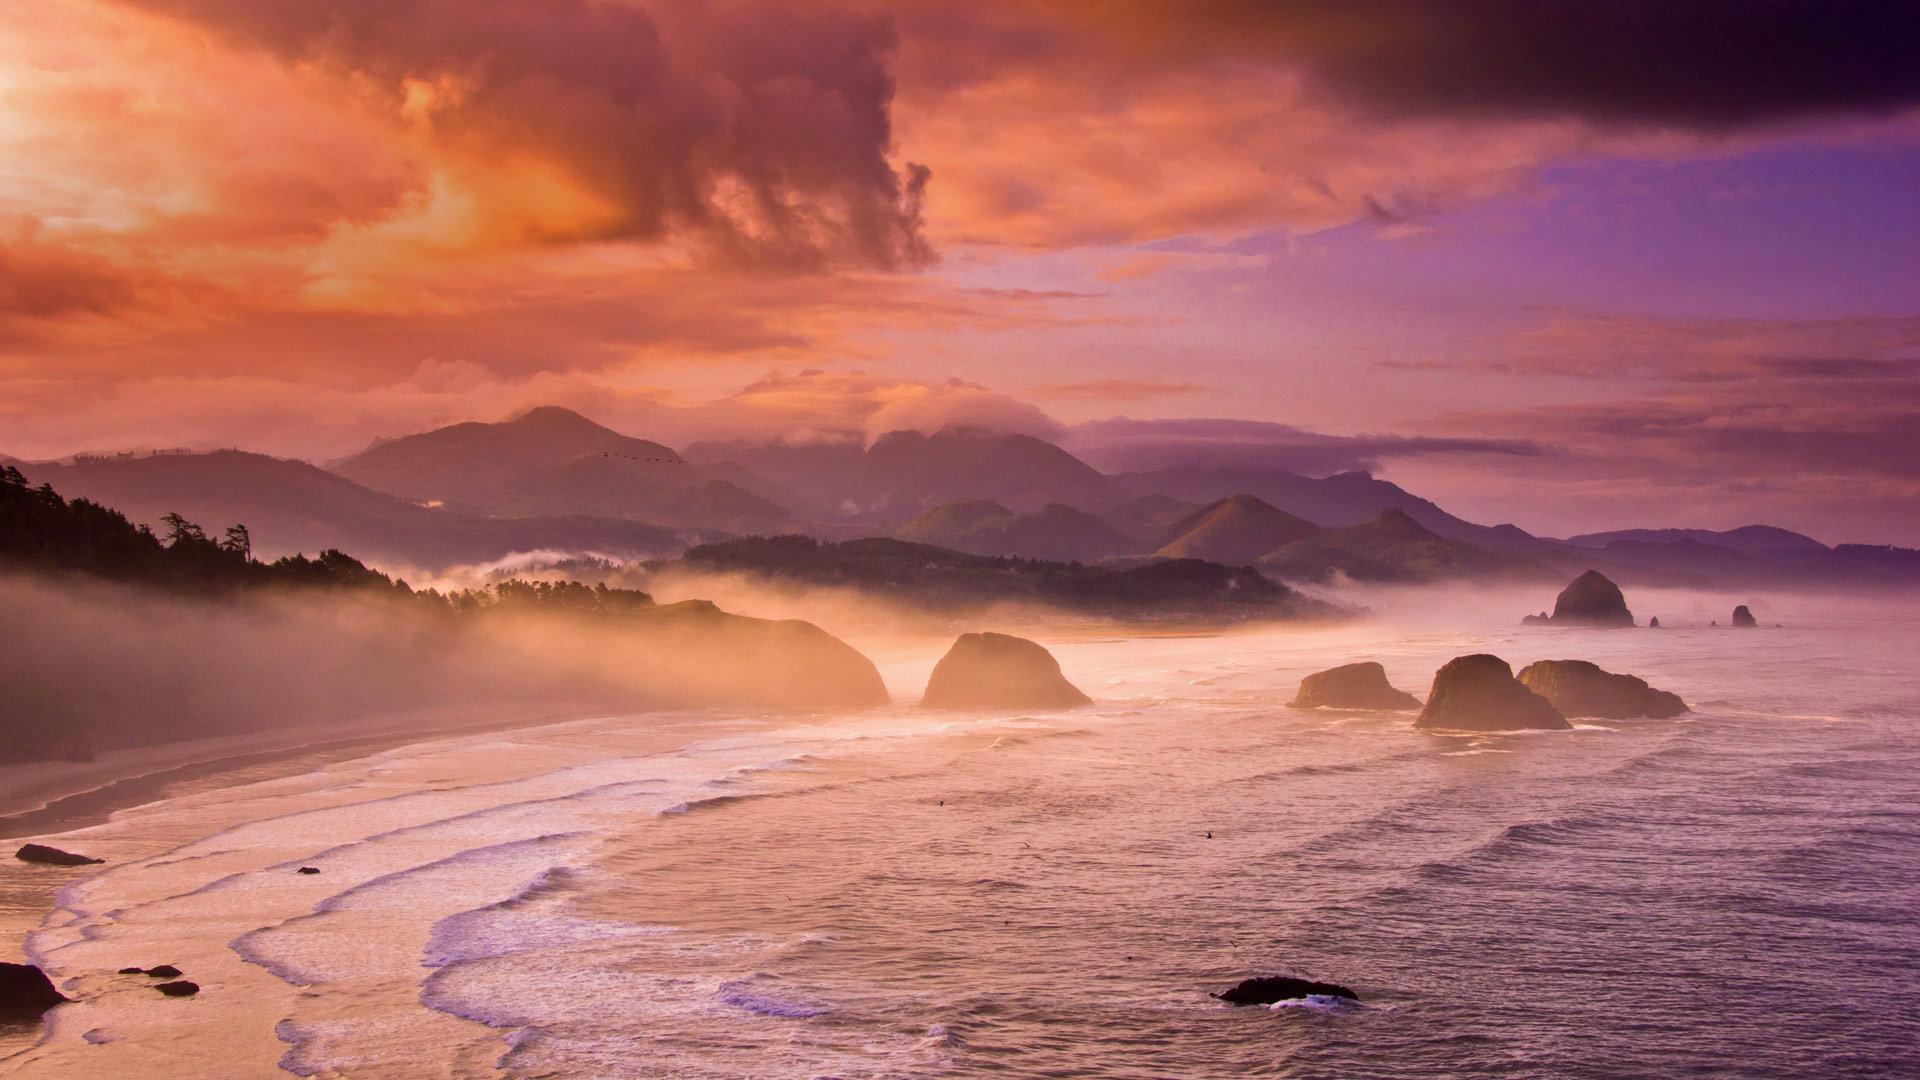 大自然与历史的完美融合